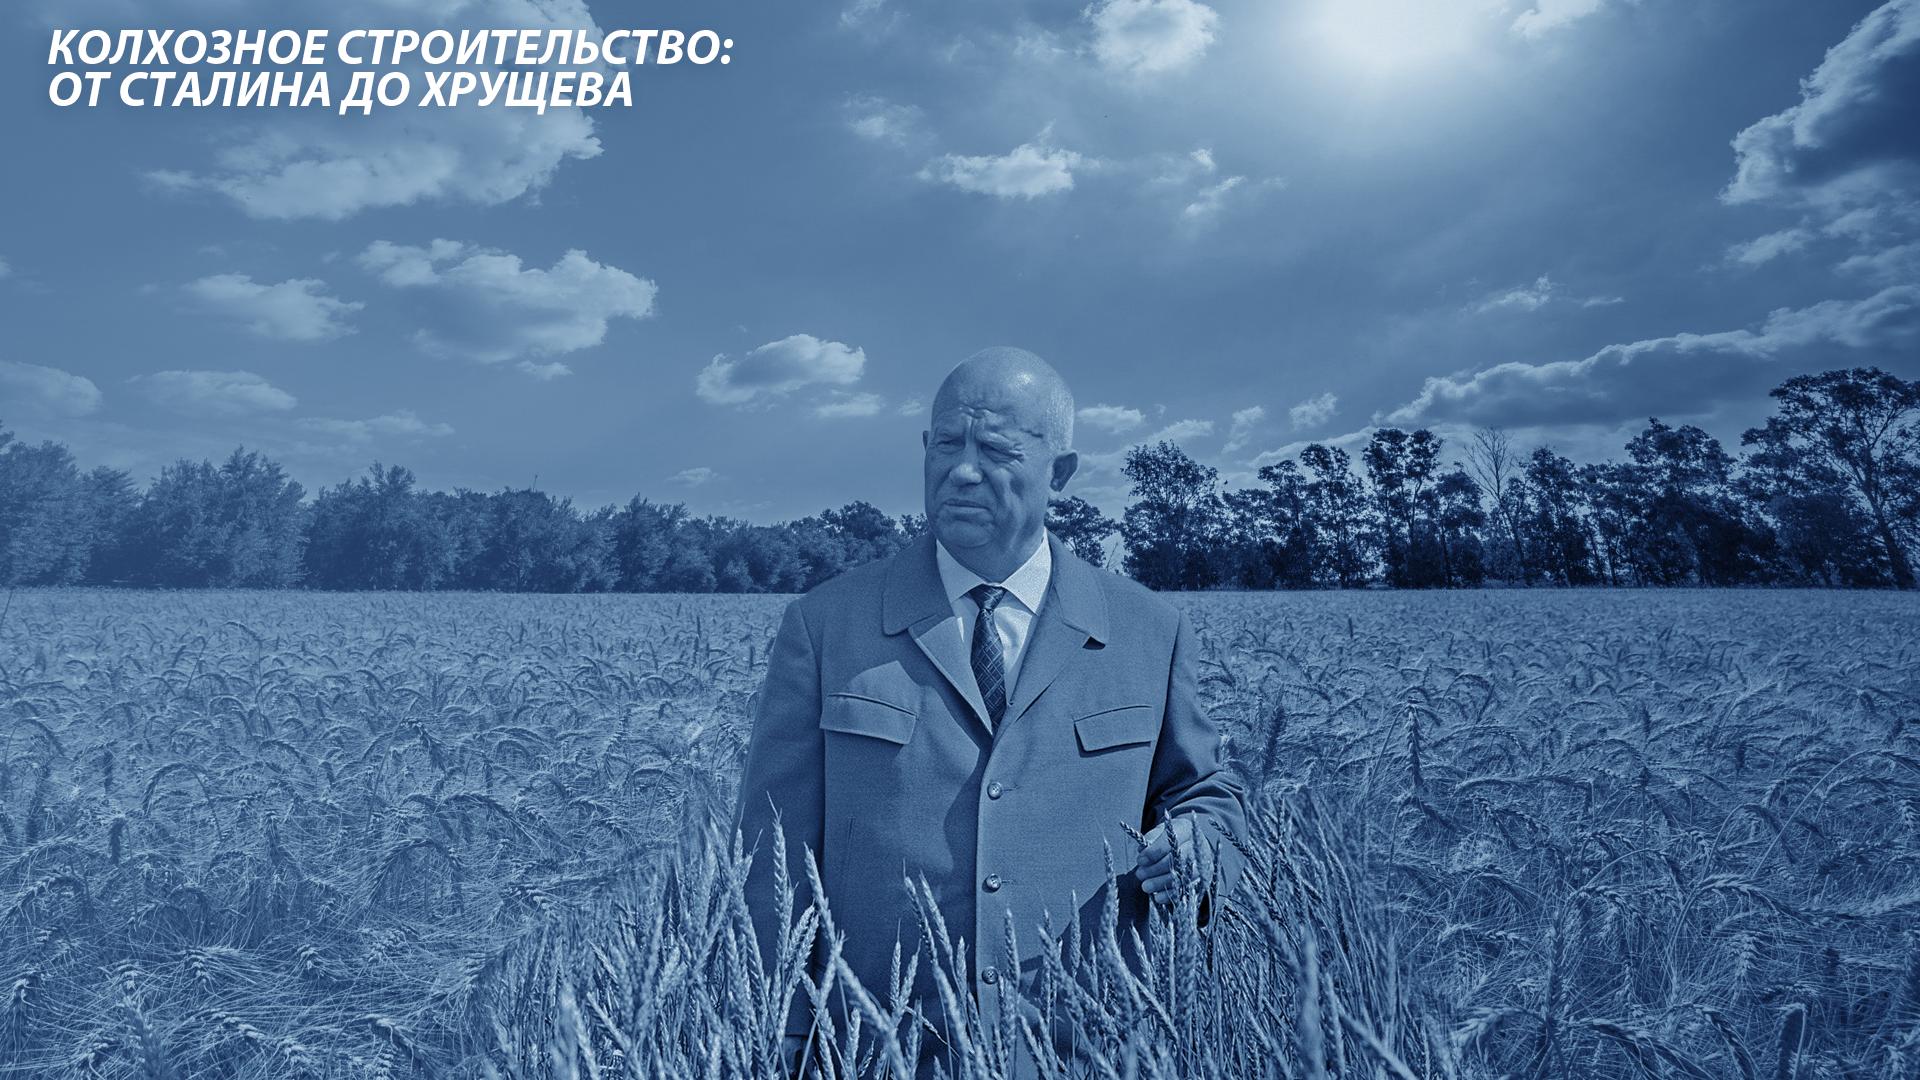 Колхозное строительство: от Сталина до Хрущёва